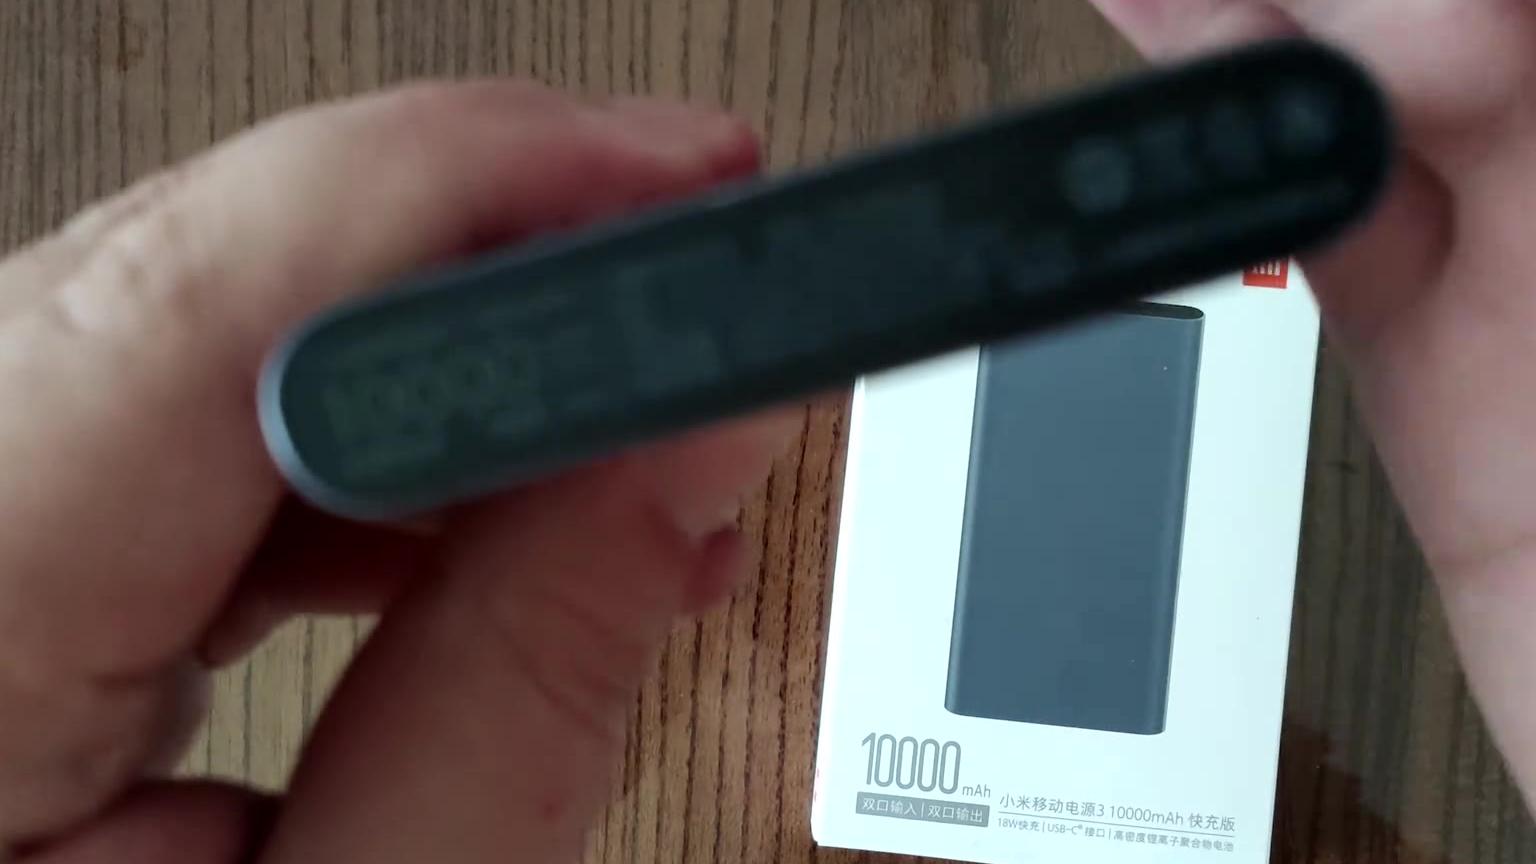 开箱上手一个有质感的铝合金充电宝小米3移动电源10000毫安